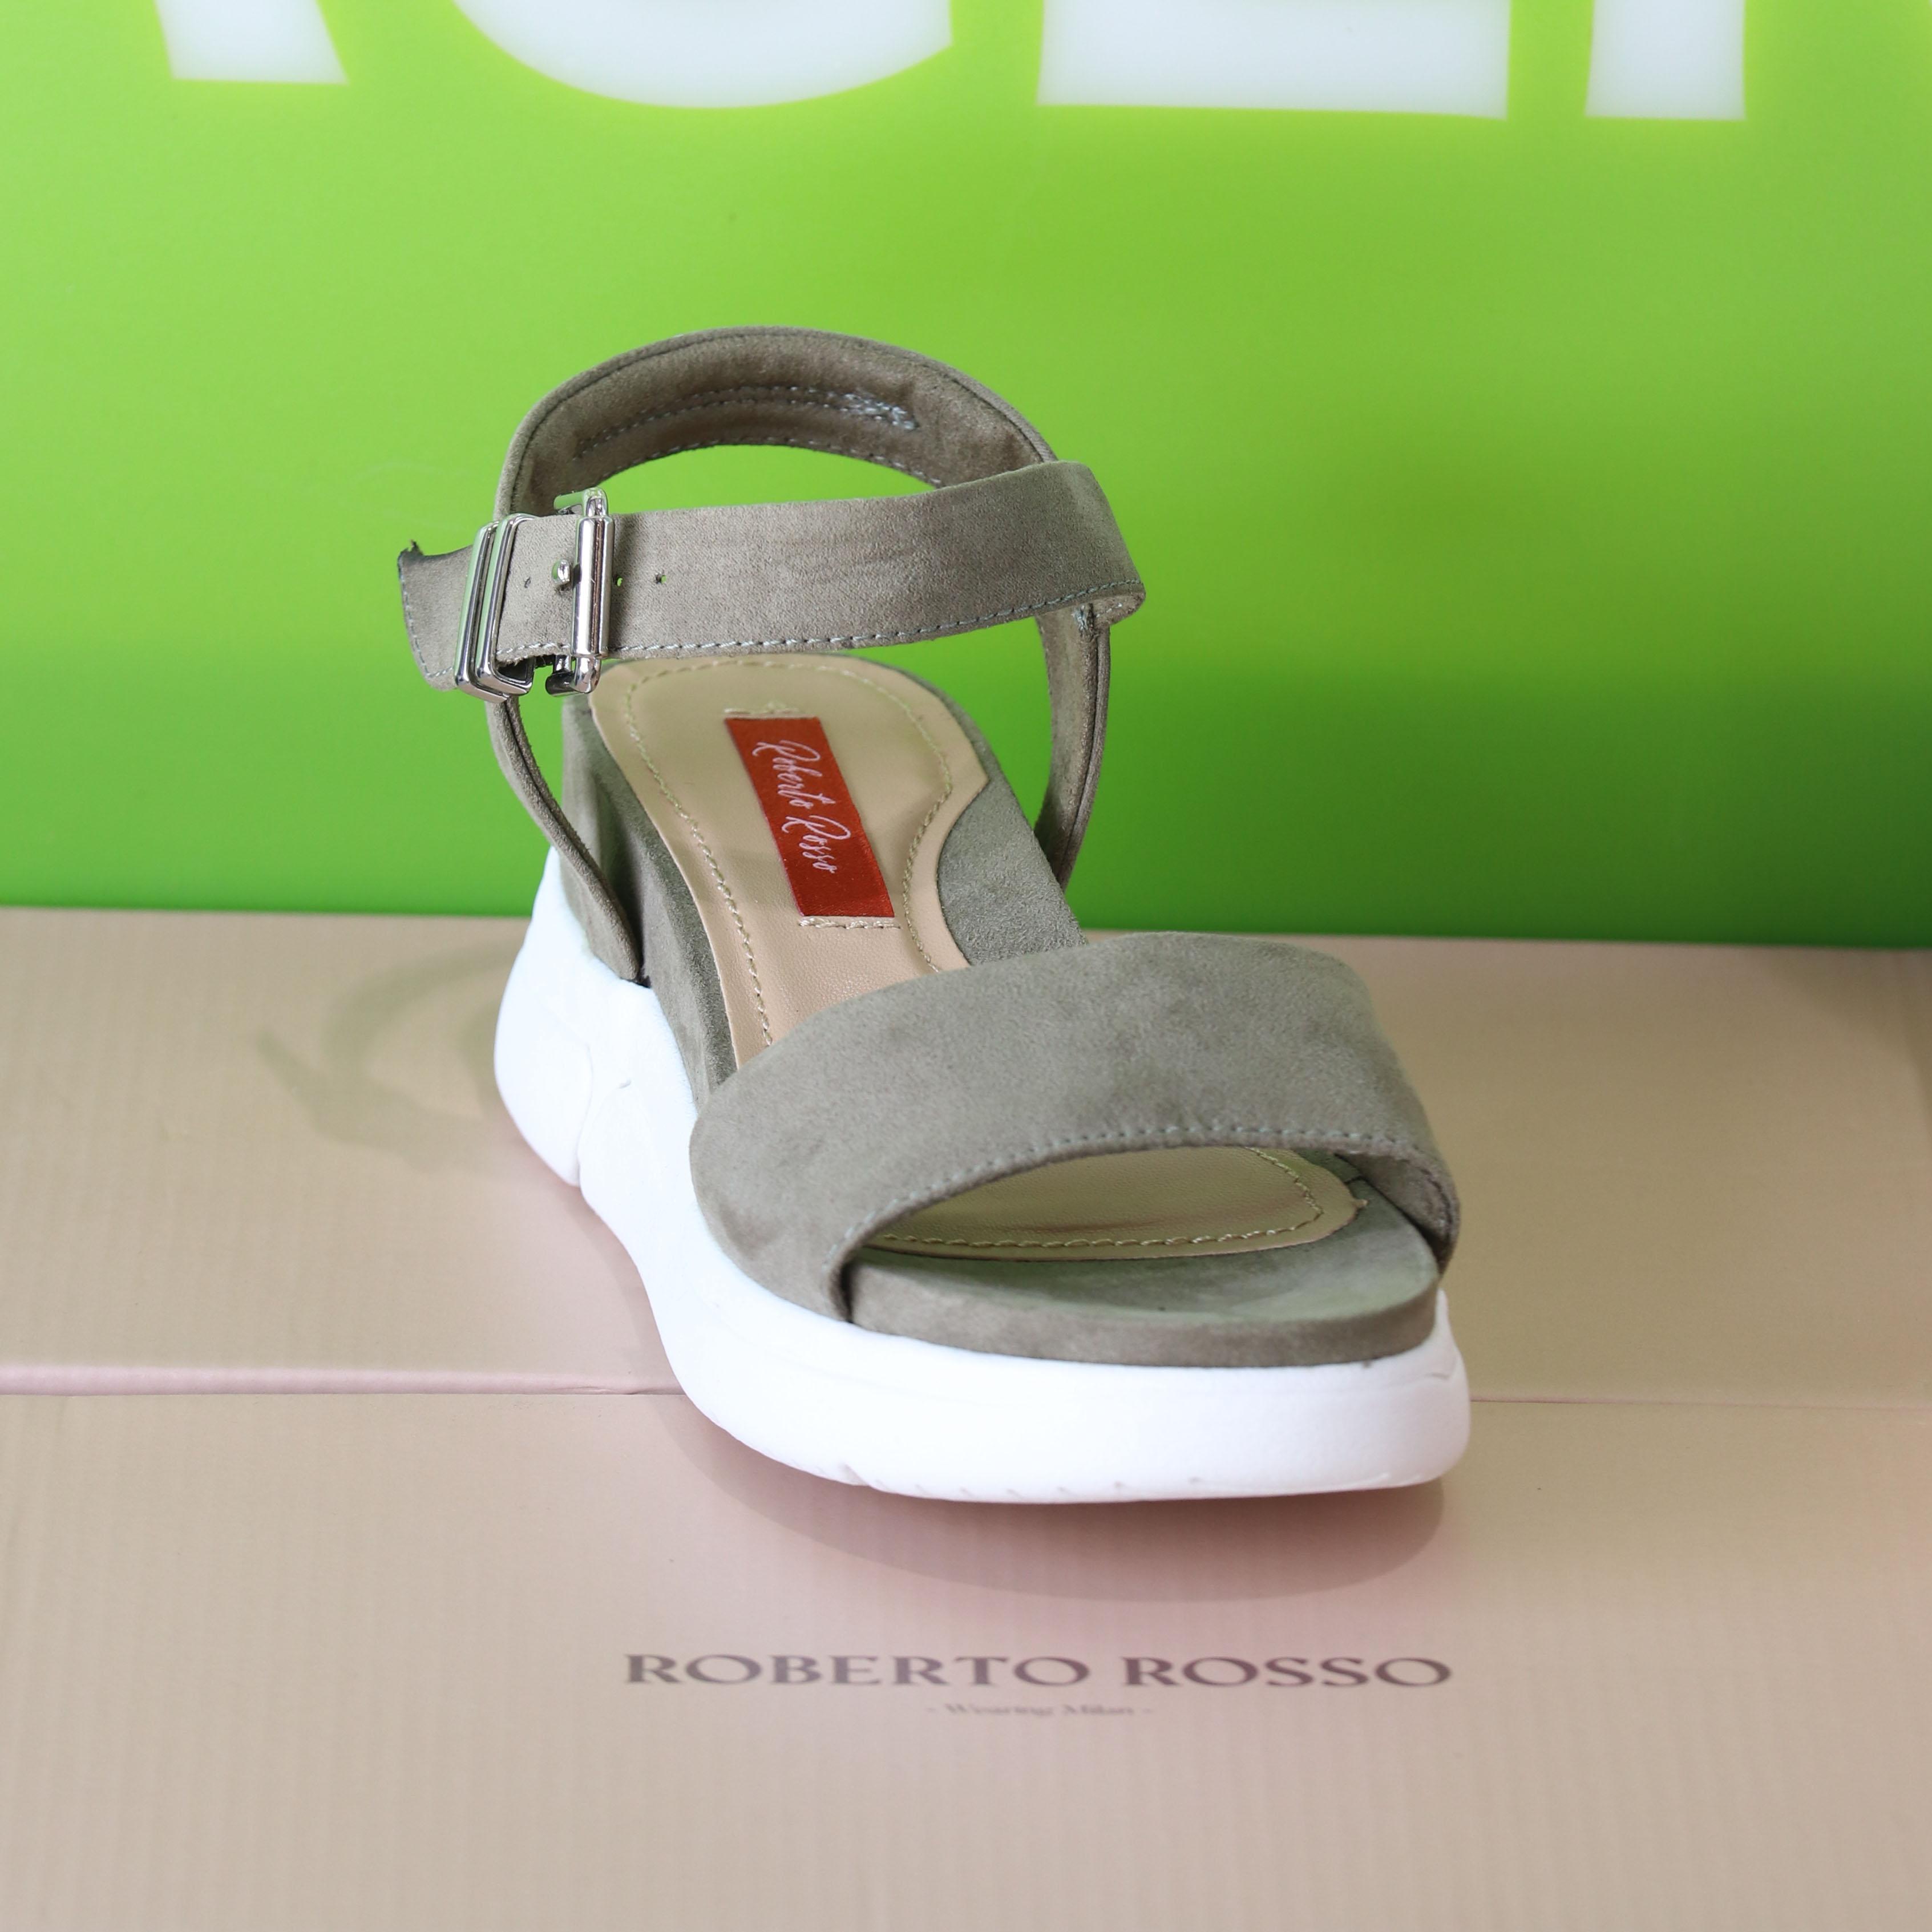 roberto rosso – akkira green sandal grønn sommer dame8